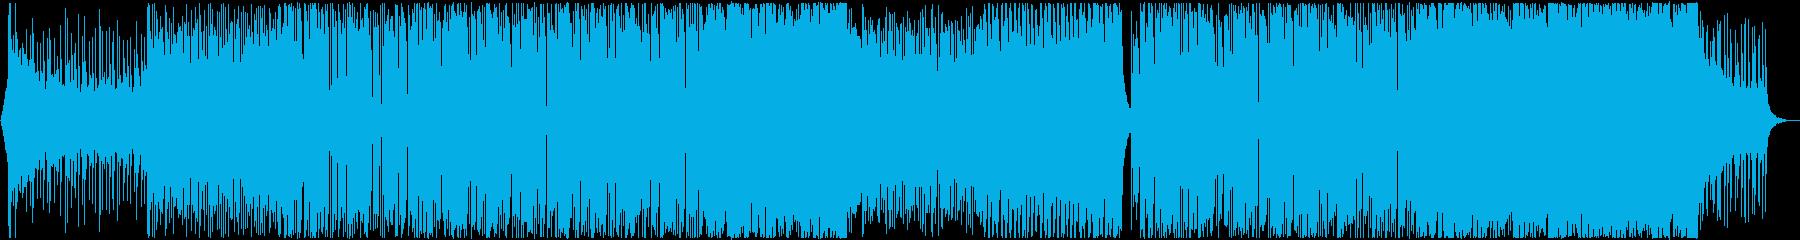 スタイリッシュなネオンフューチャーベースの再生済みの波形